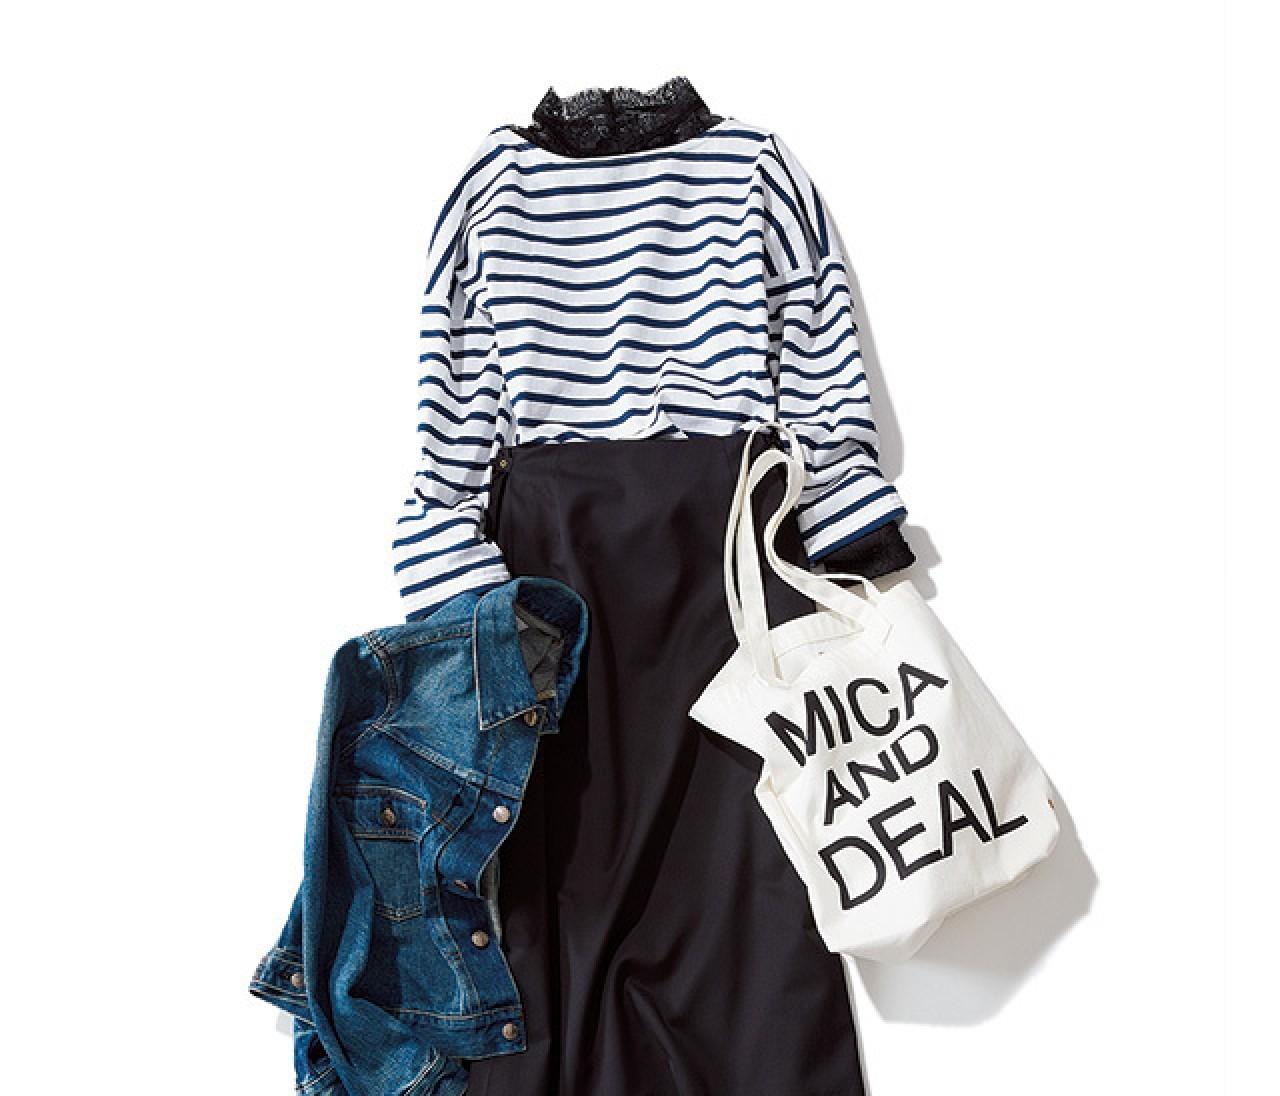 休日リラックススタイルも、黒のスカートでちゃんと女らしく!